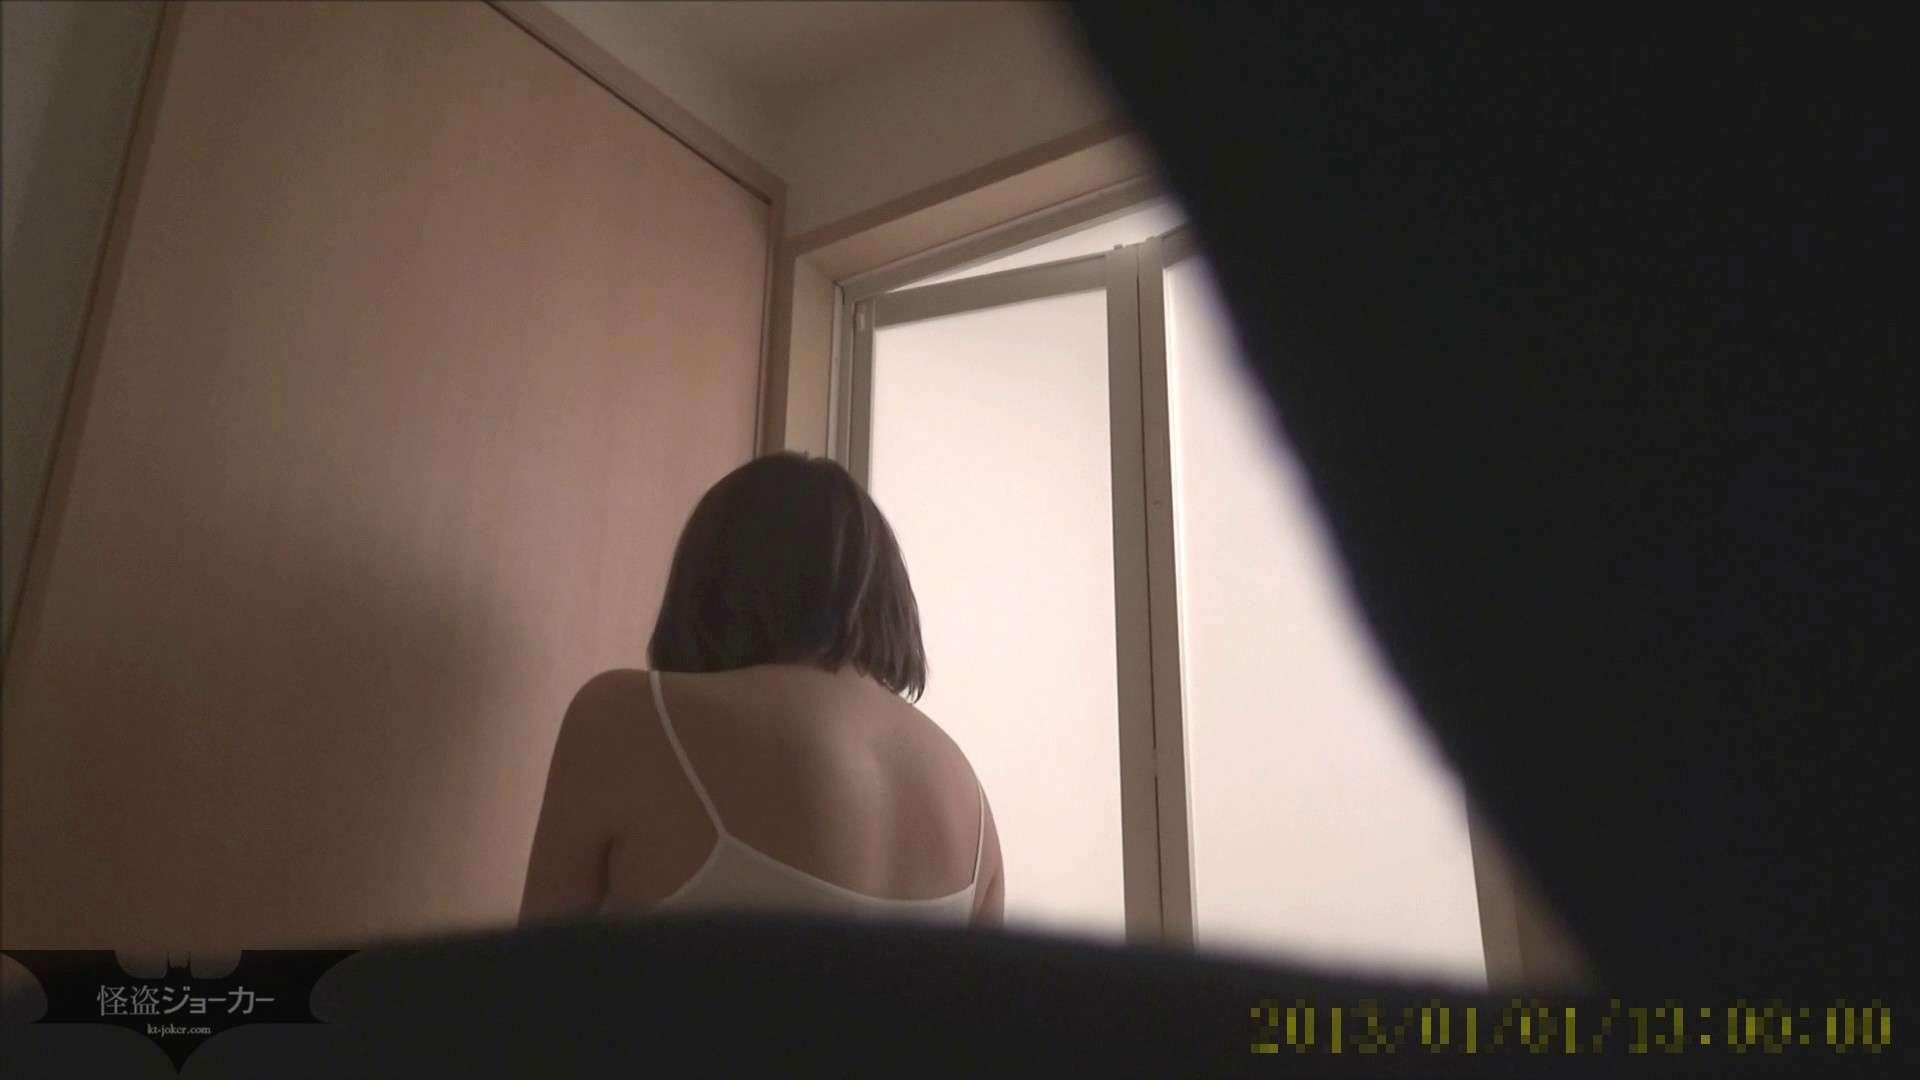 【未公開】vol.103  {黒髪→茶髪ボブに変身}美巨乳アミちゃん④【前編】 ギャル攻め AV無料 92画像 22